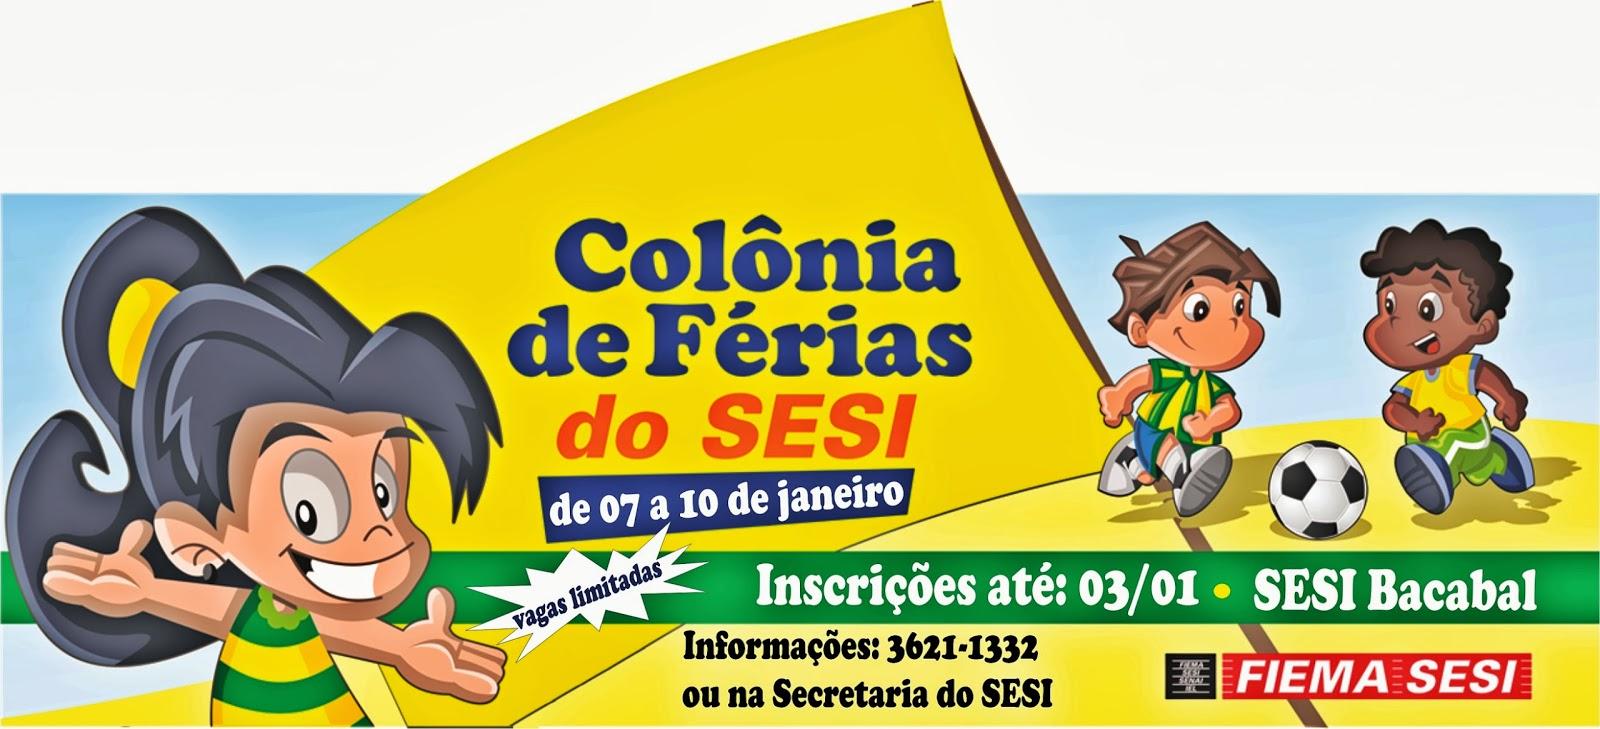 Convite para a colônia de férias do SESI de Bacabal em janeiro de 2014